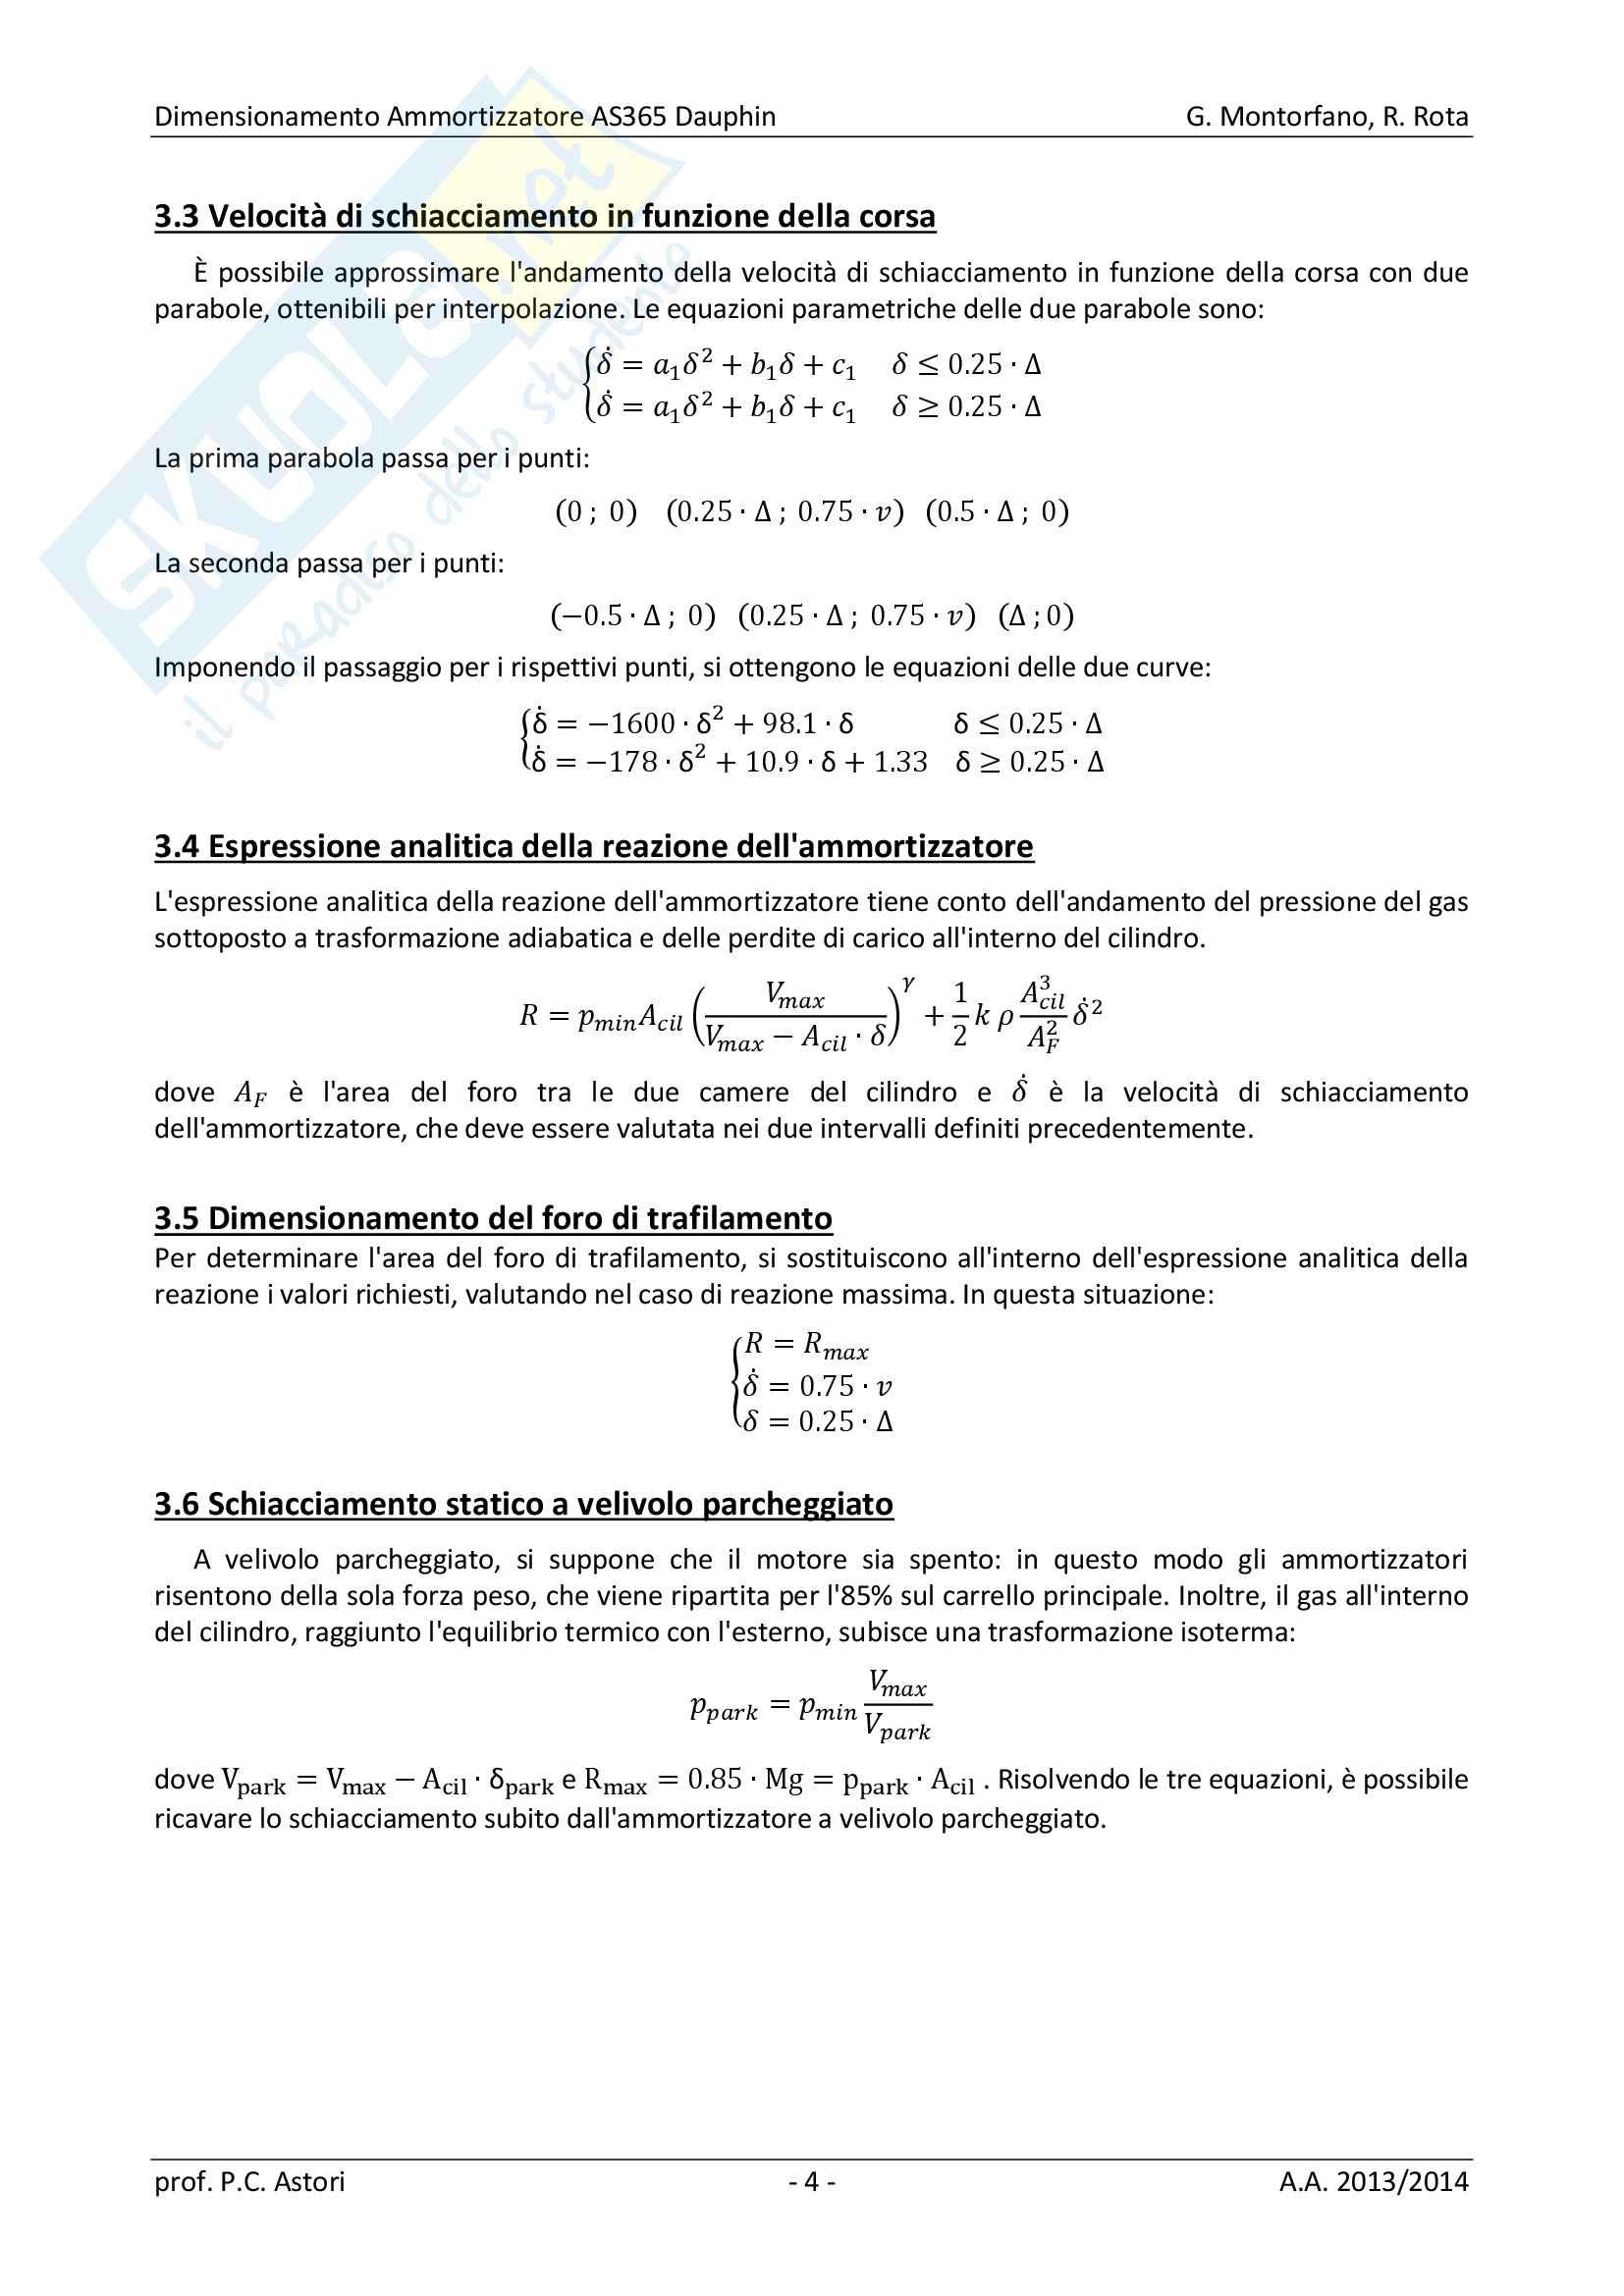 Dimensionamento Ammortizzatore AS365 Dauphin Pag. 6